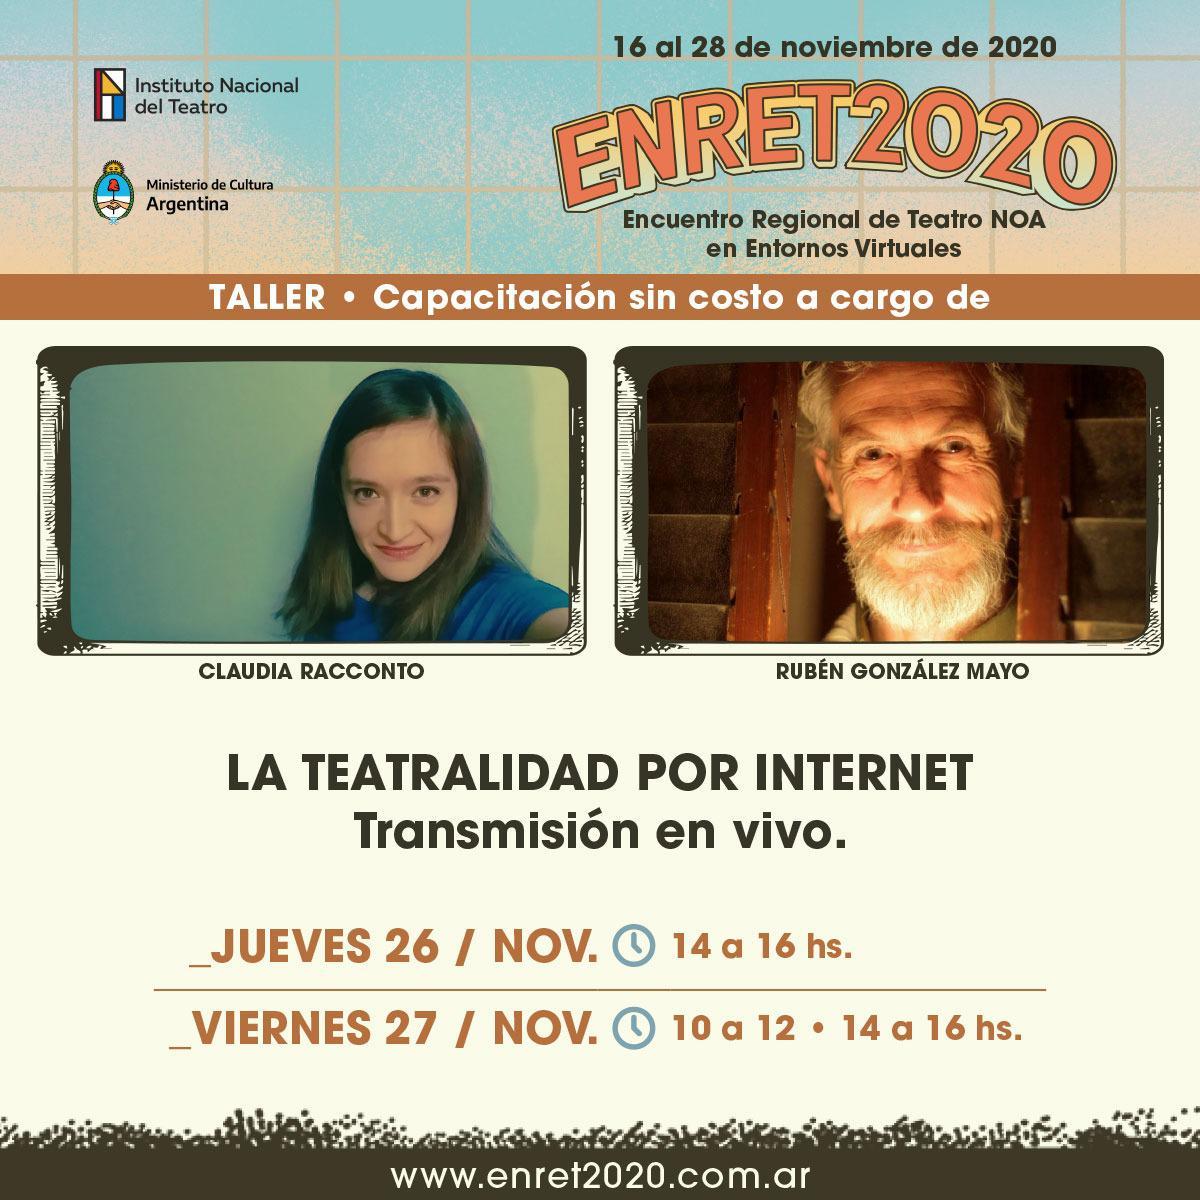 Taller La Teatralidad por Internet - Transmisión en vivo